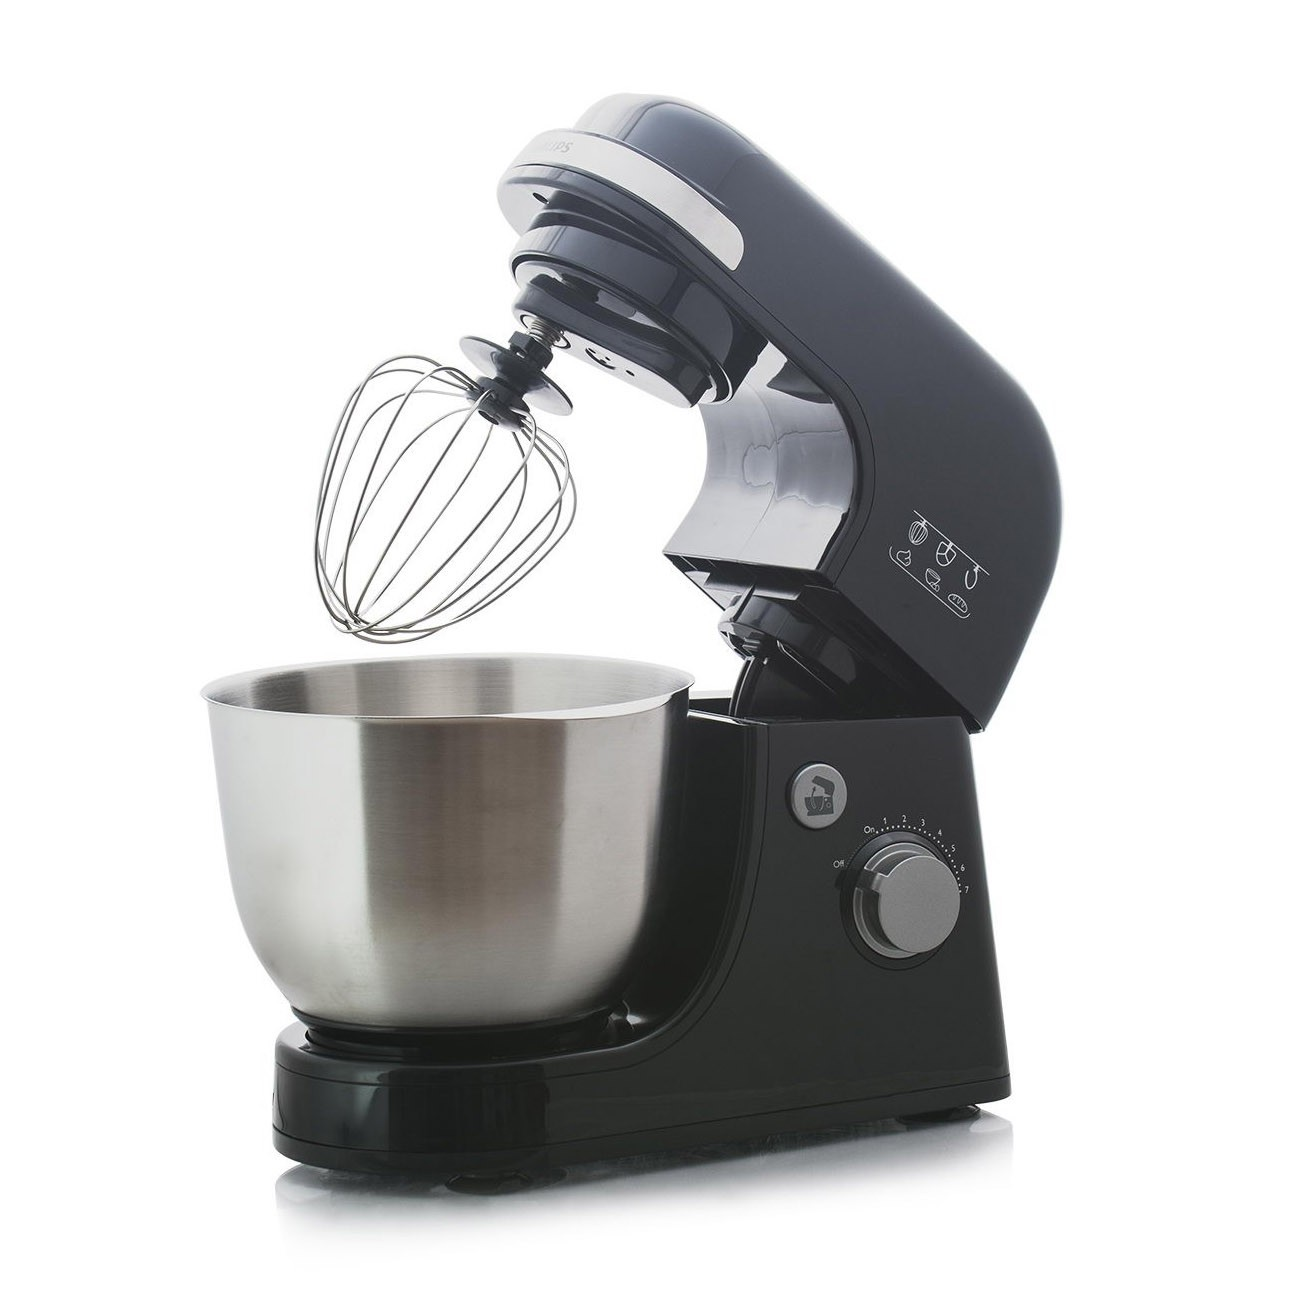 Cấu tạo máy đánh trứng để bàn